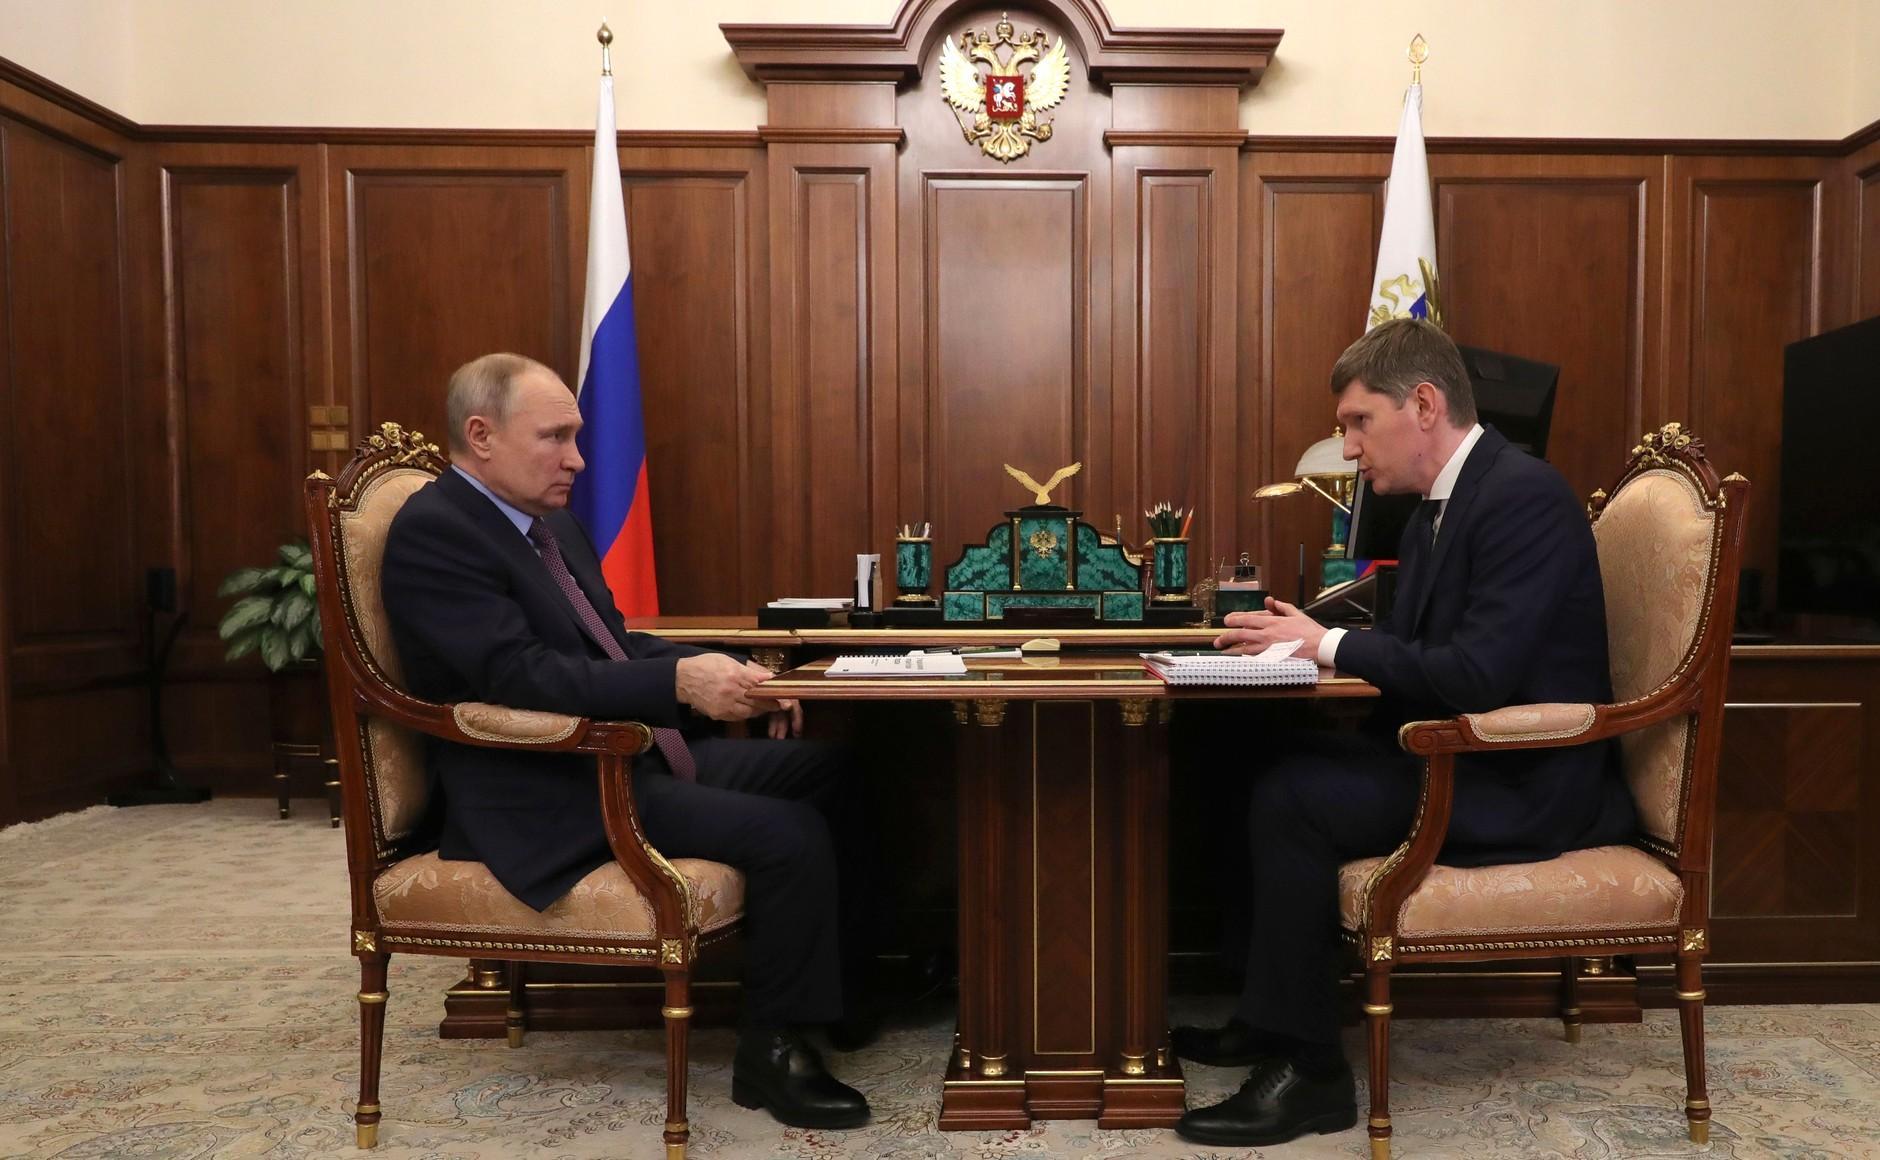 RU 0402 PH 3 KK 4 Développement économique Maxim Reshetnikov 4 février 2021